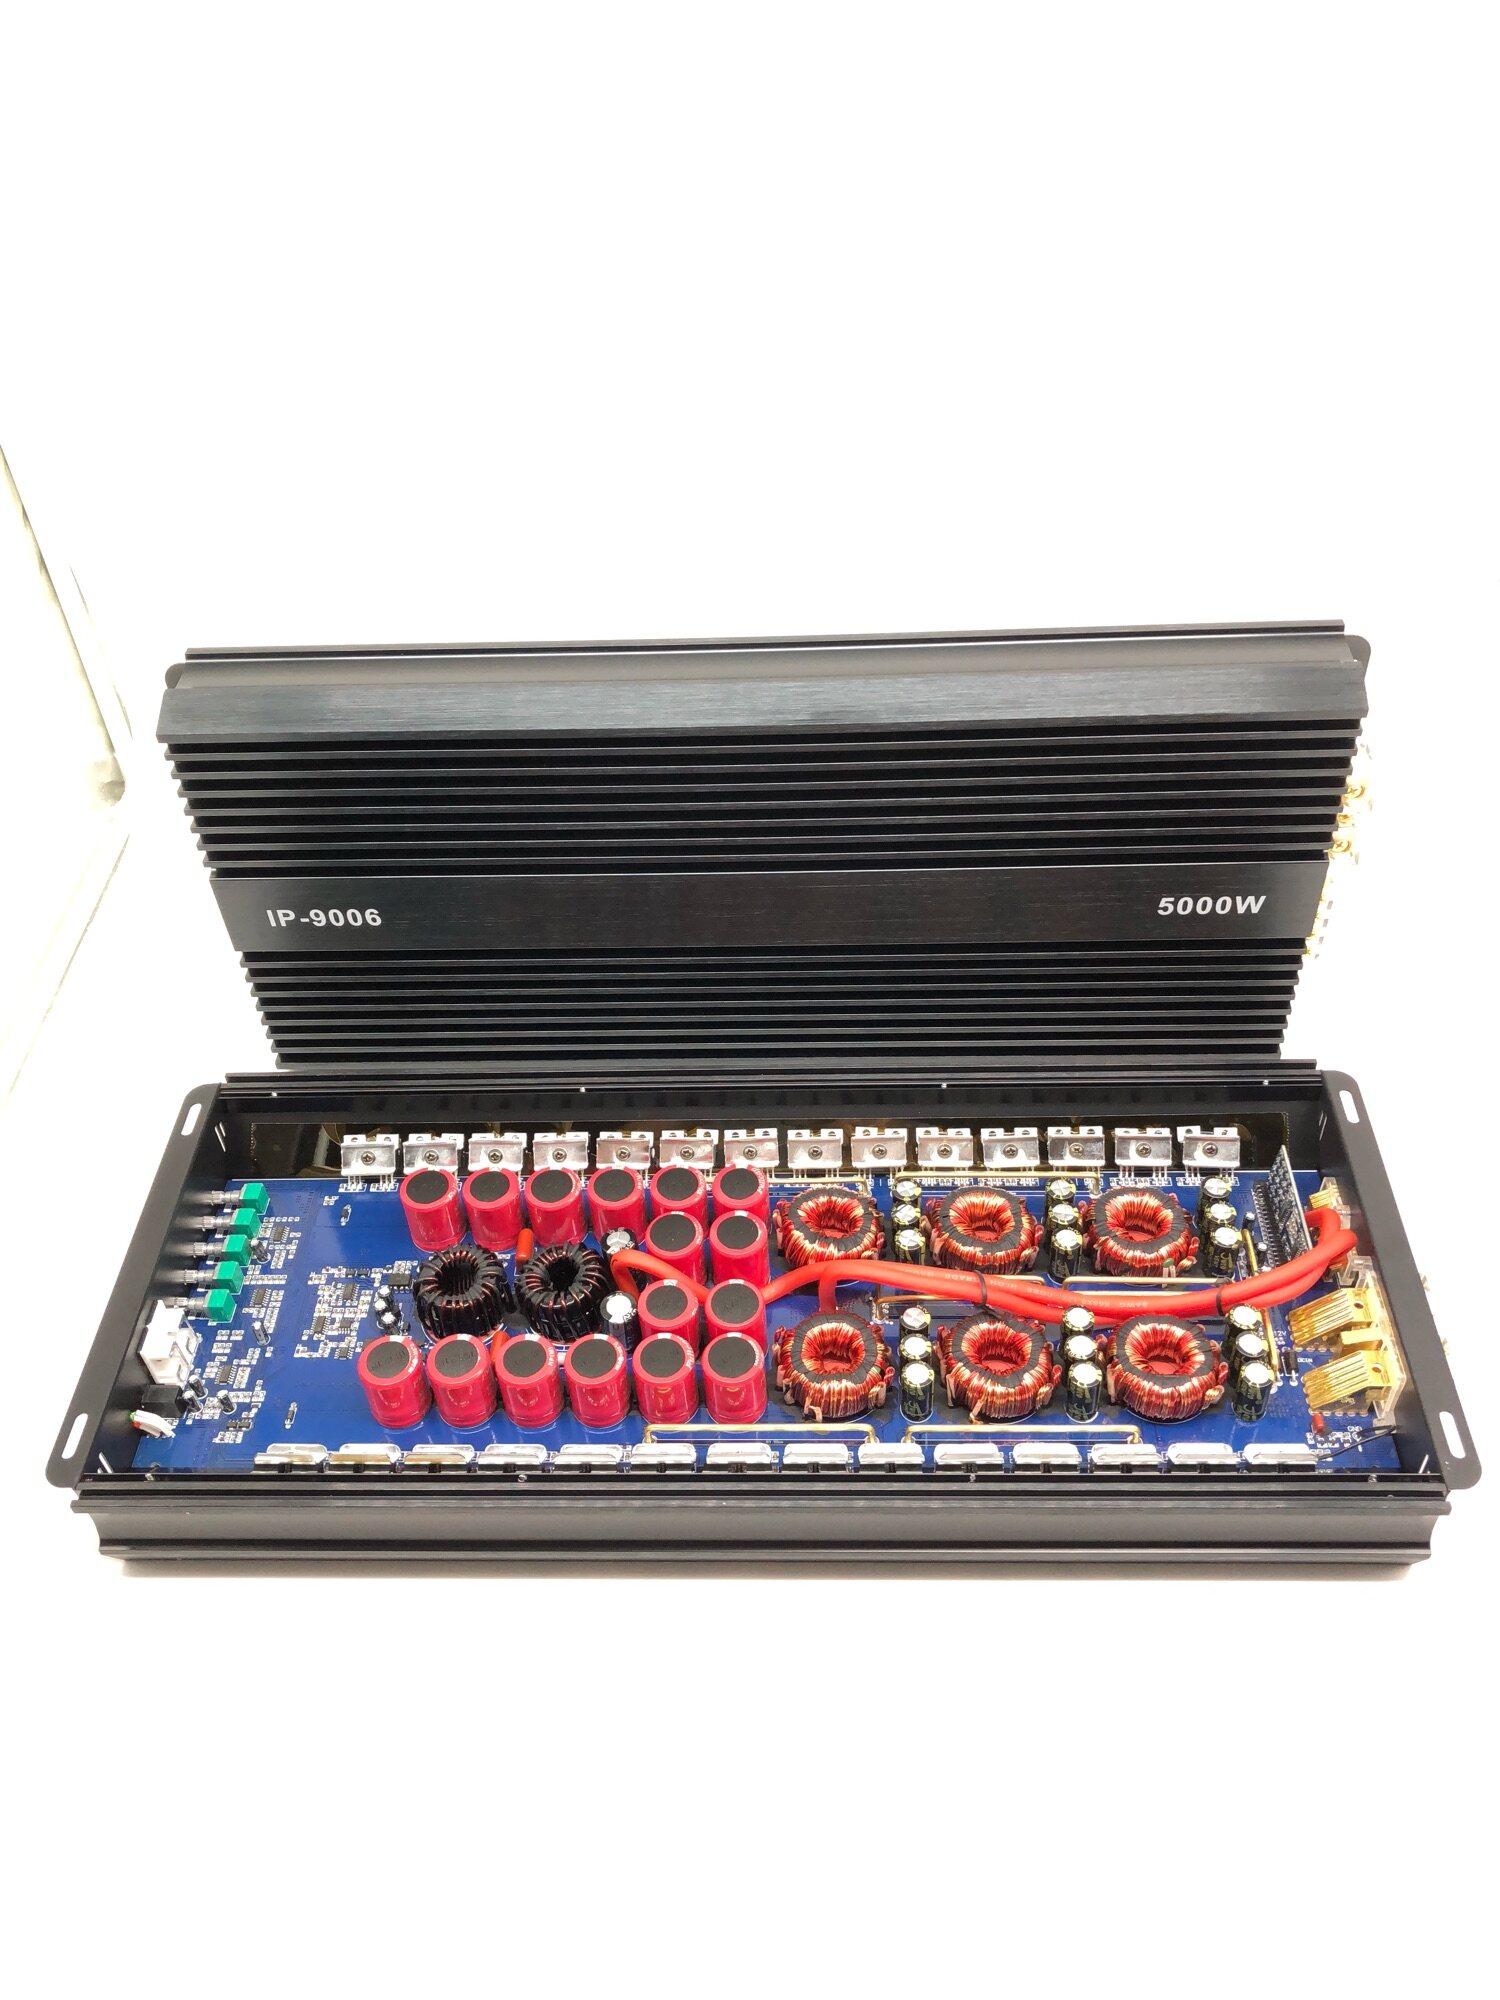 Class D ไฟ6แกน Ip-9006 5000w.